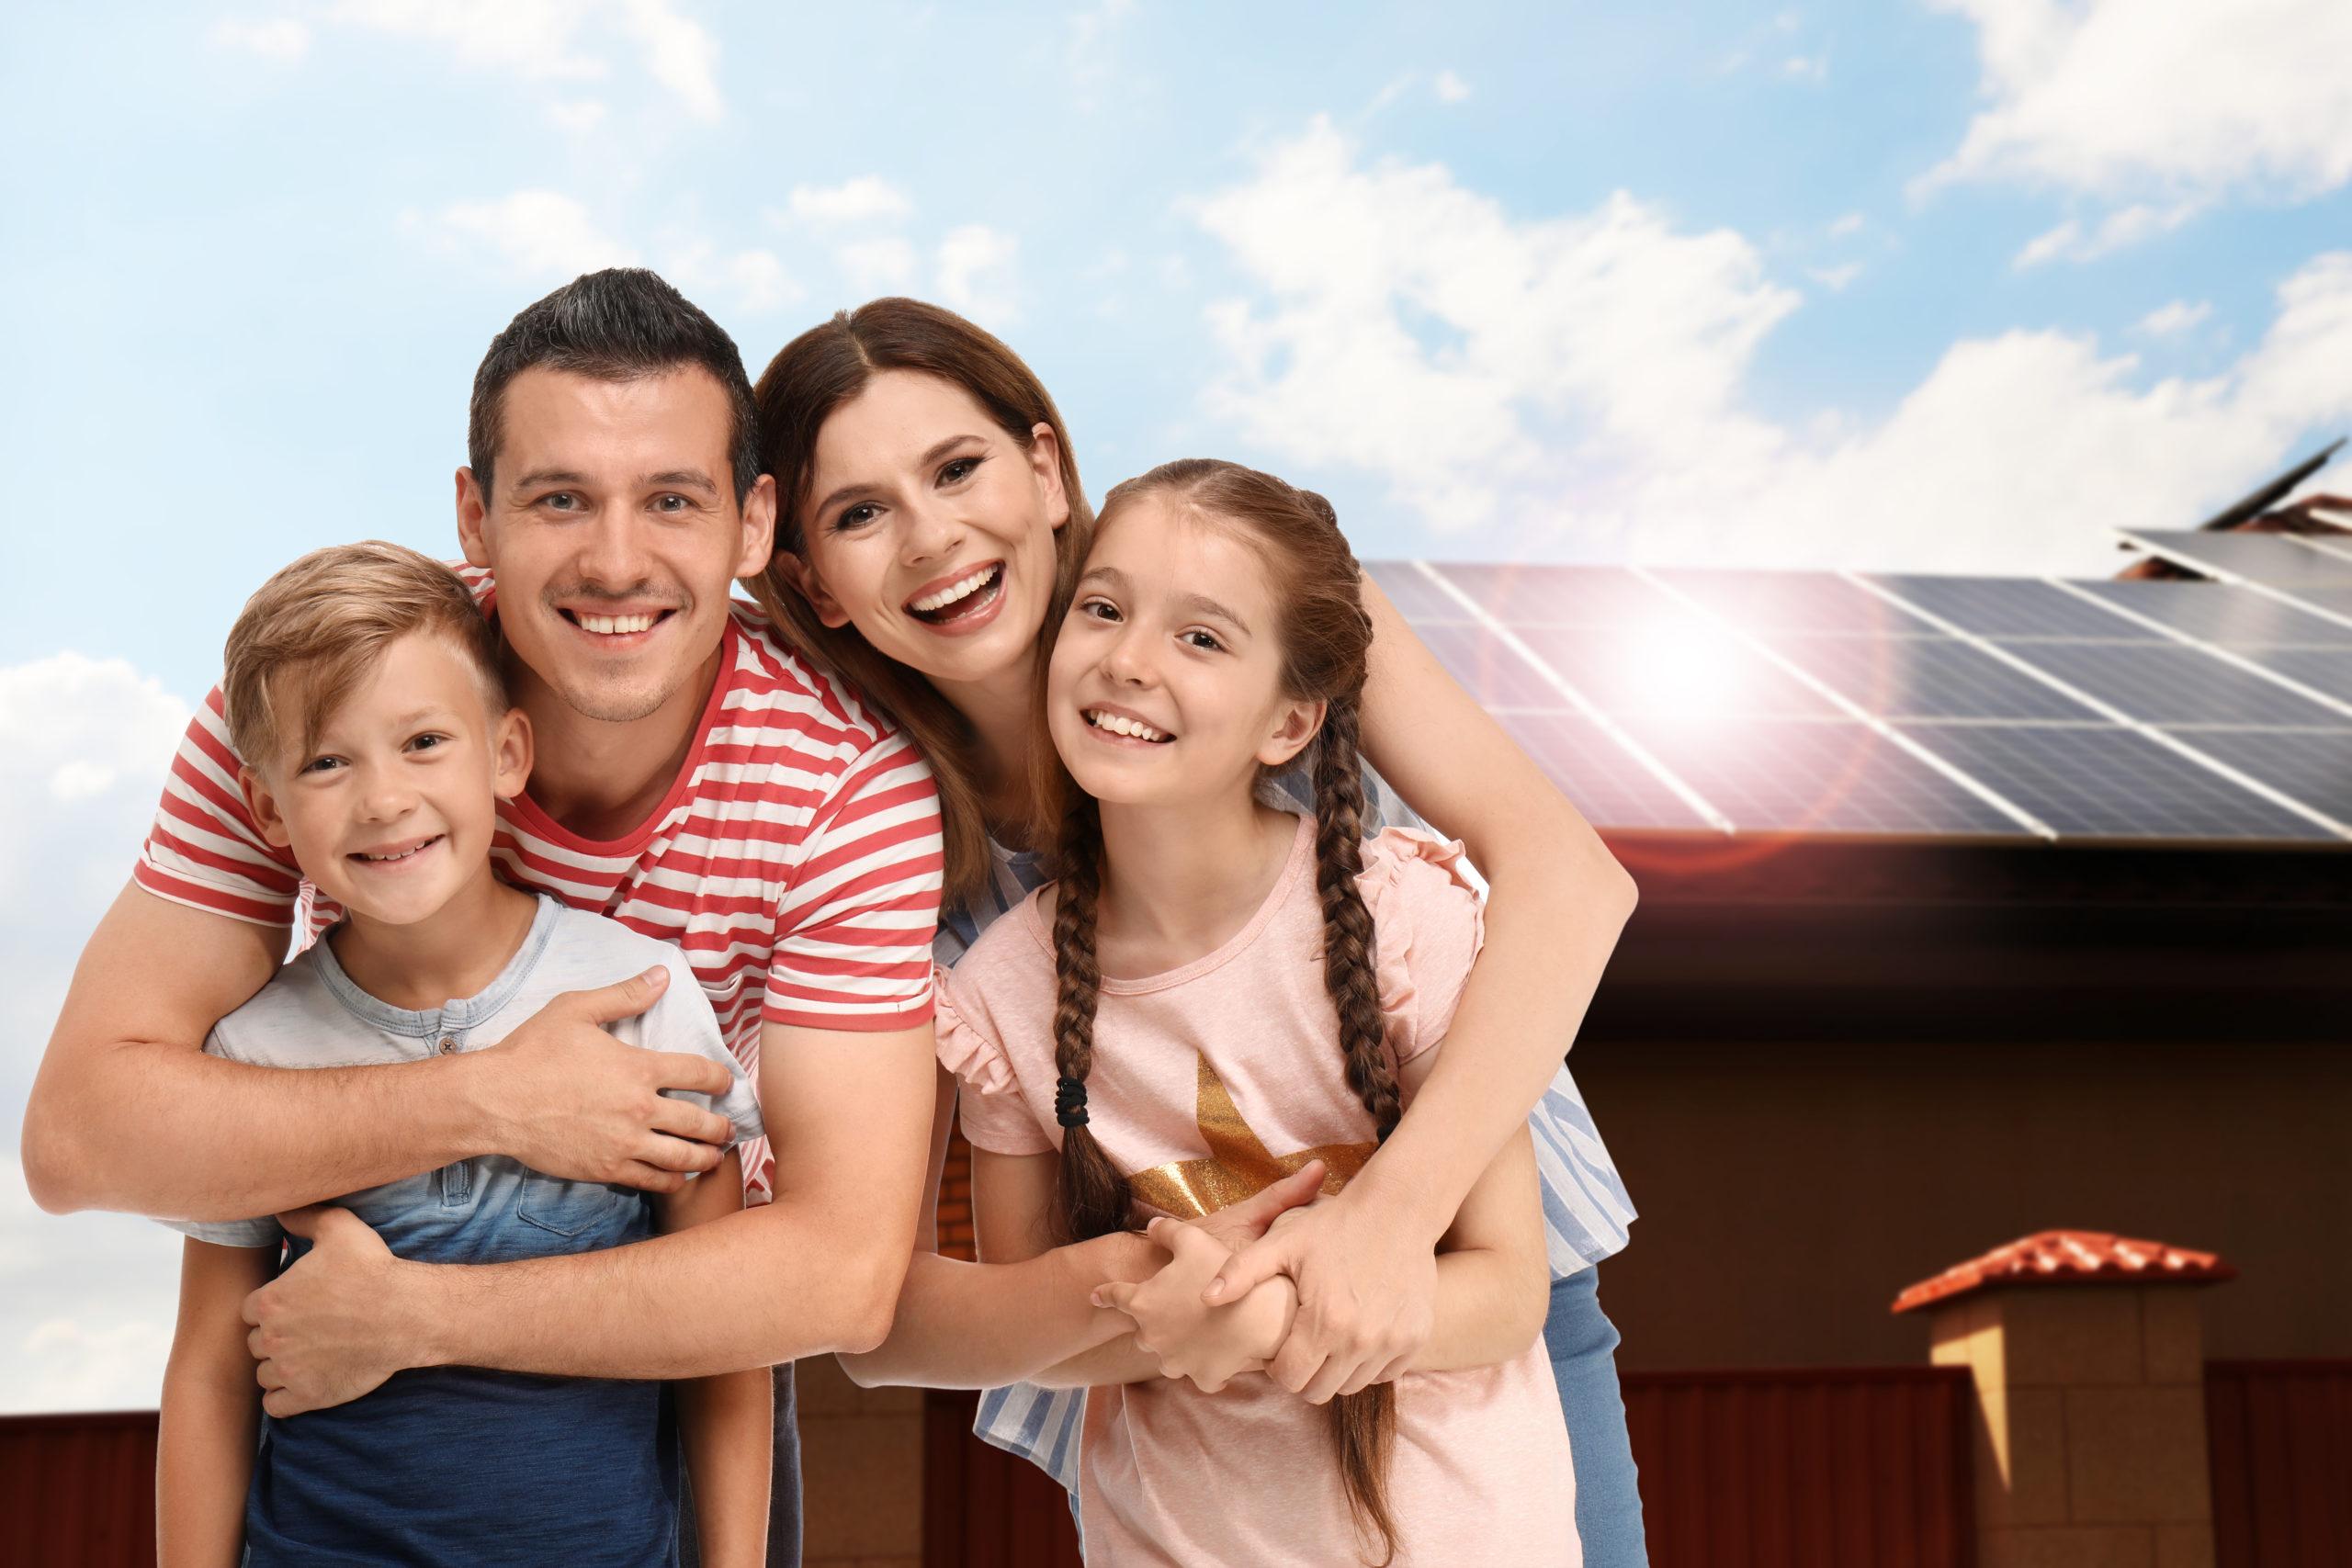 solar house happy family